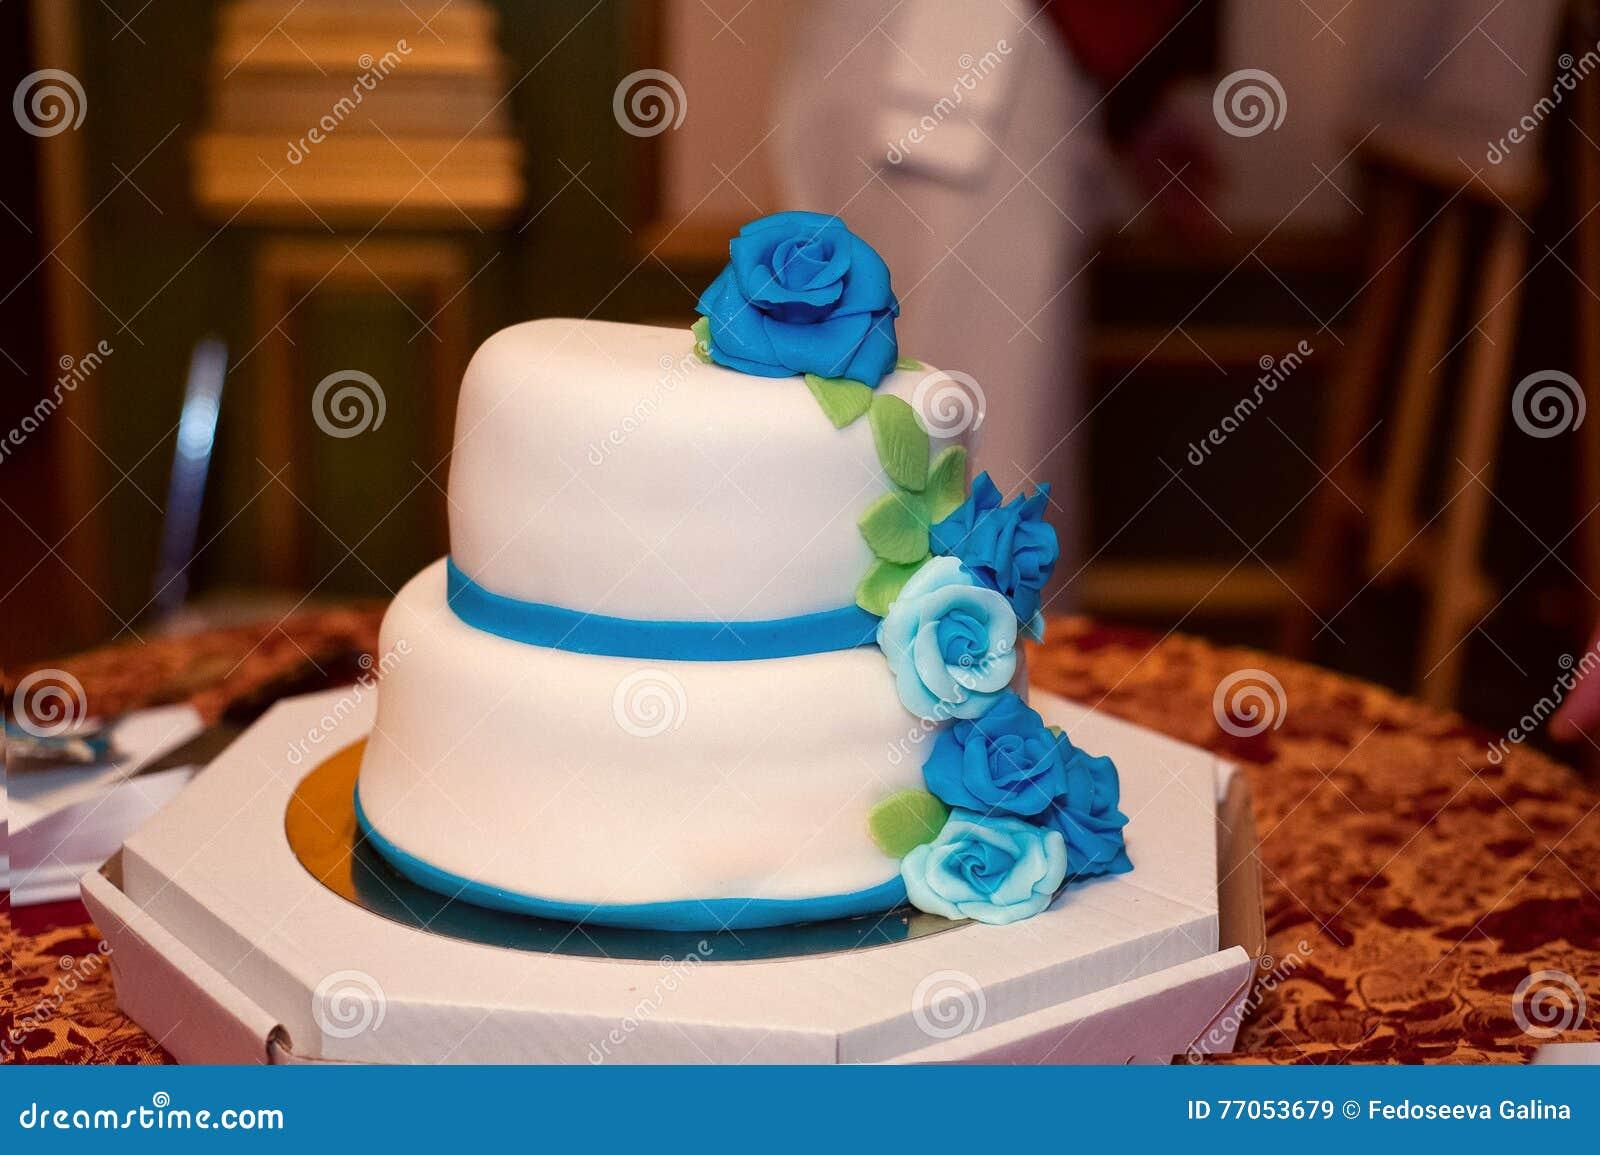 Hochzeitstorte Im Weissen Bereifen Mit Blau Und Turkisrosen